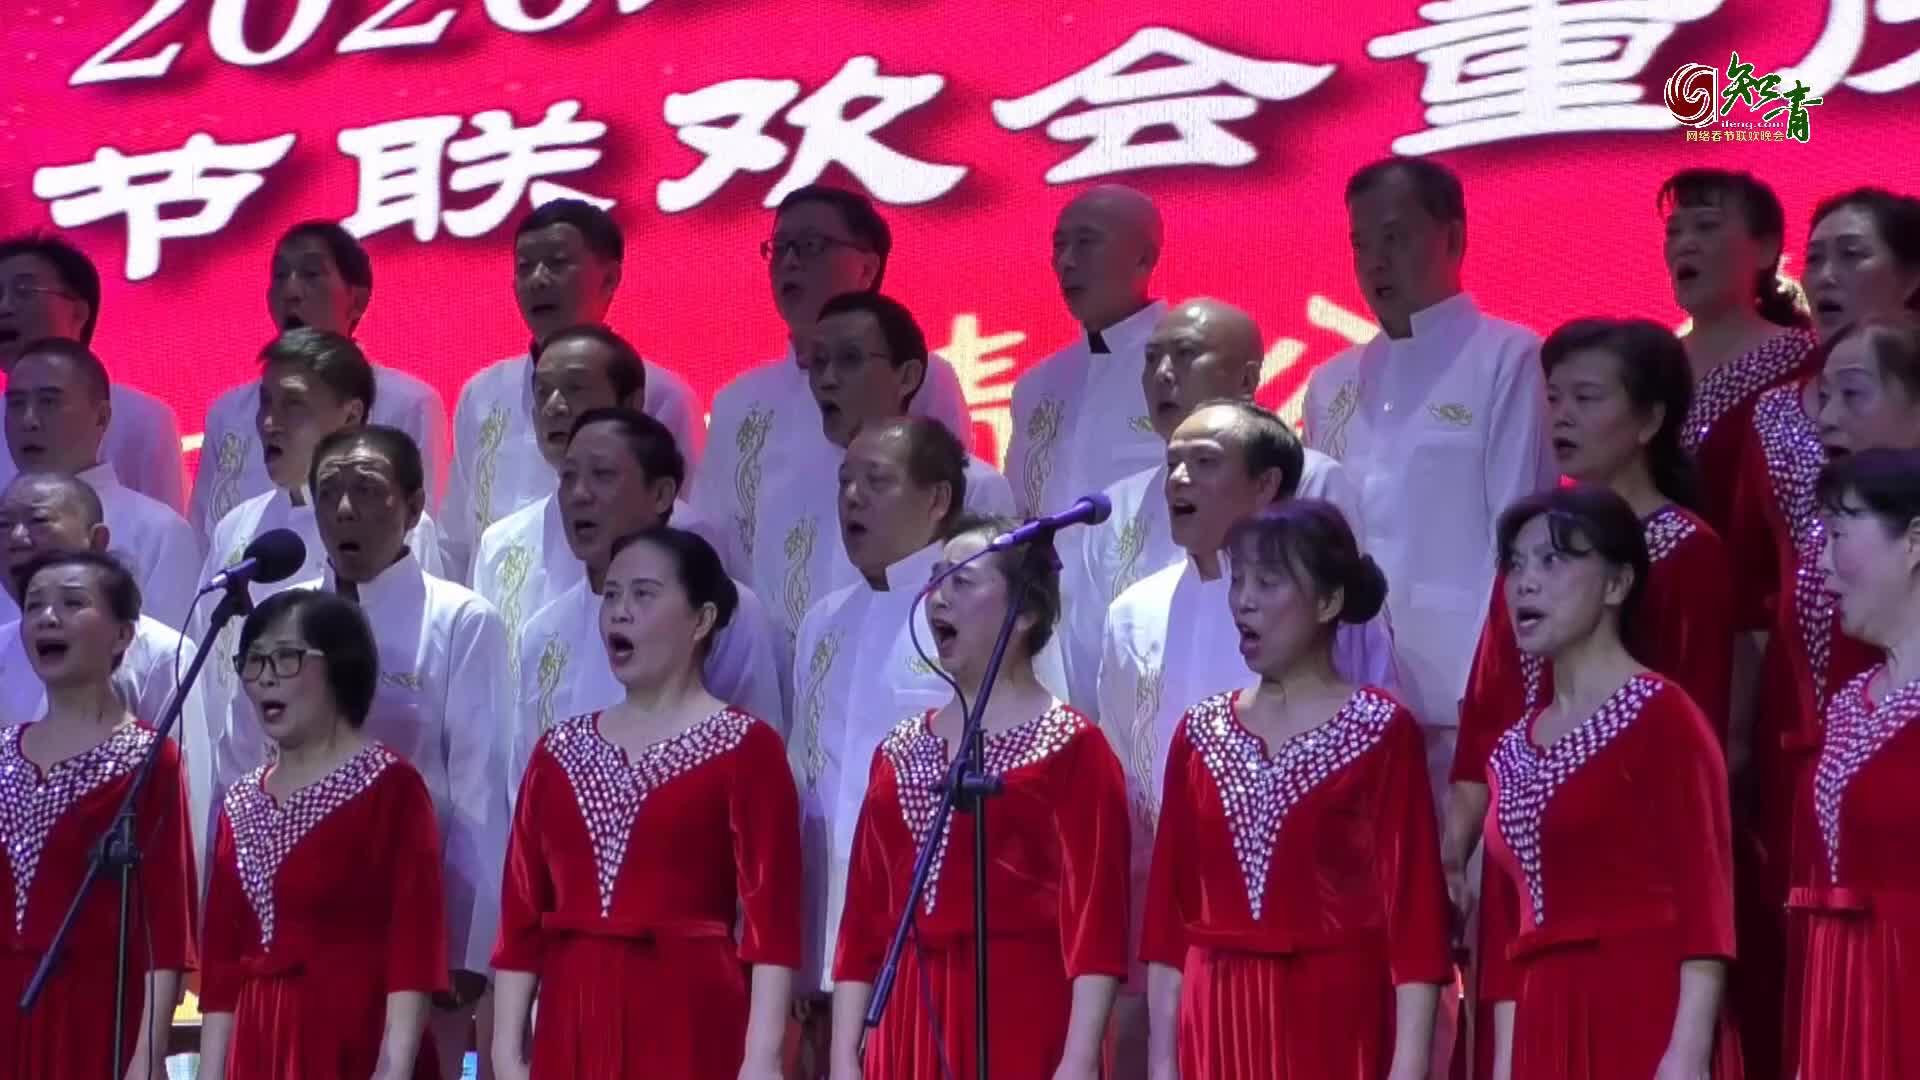 大合唱《把我的奶名叫》《我和我的祖国》